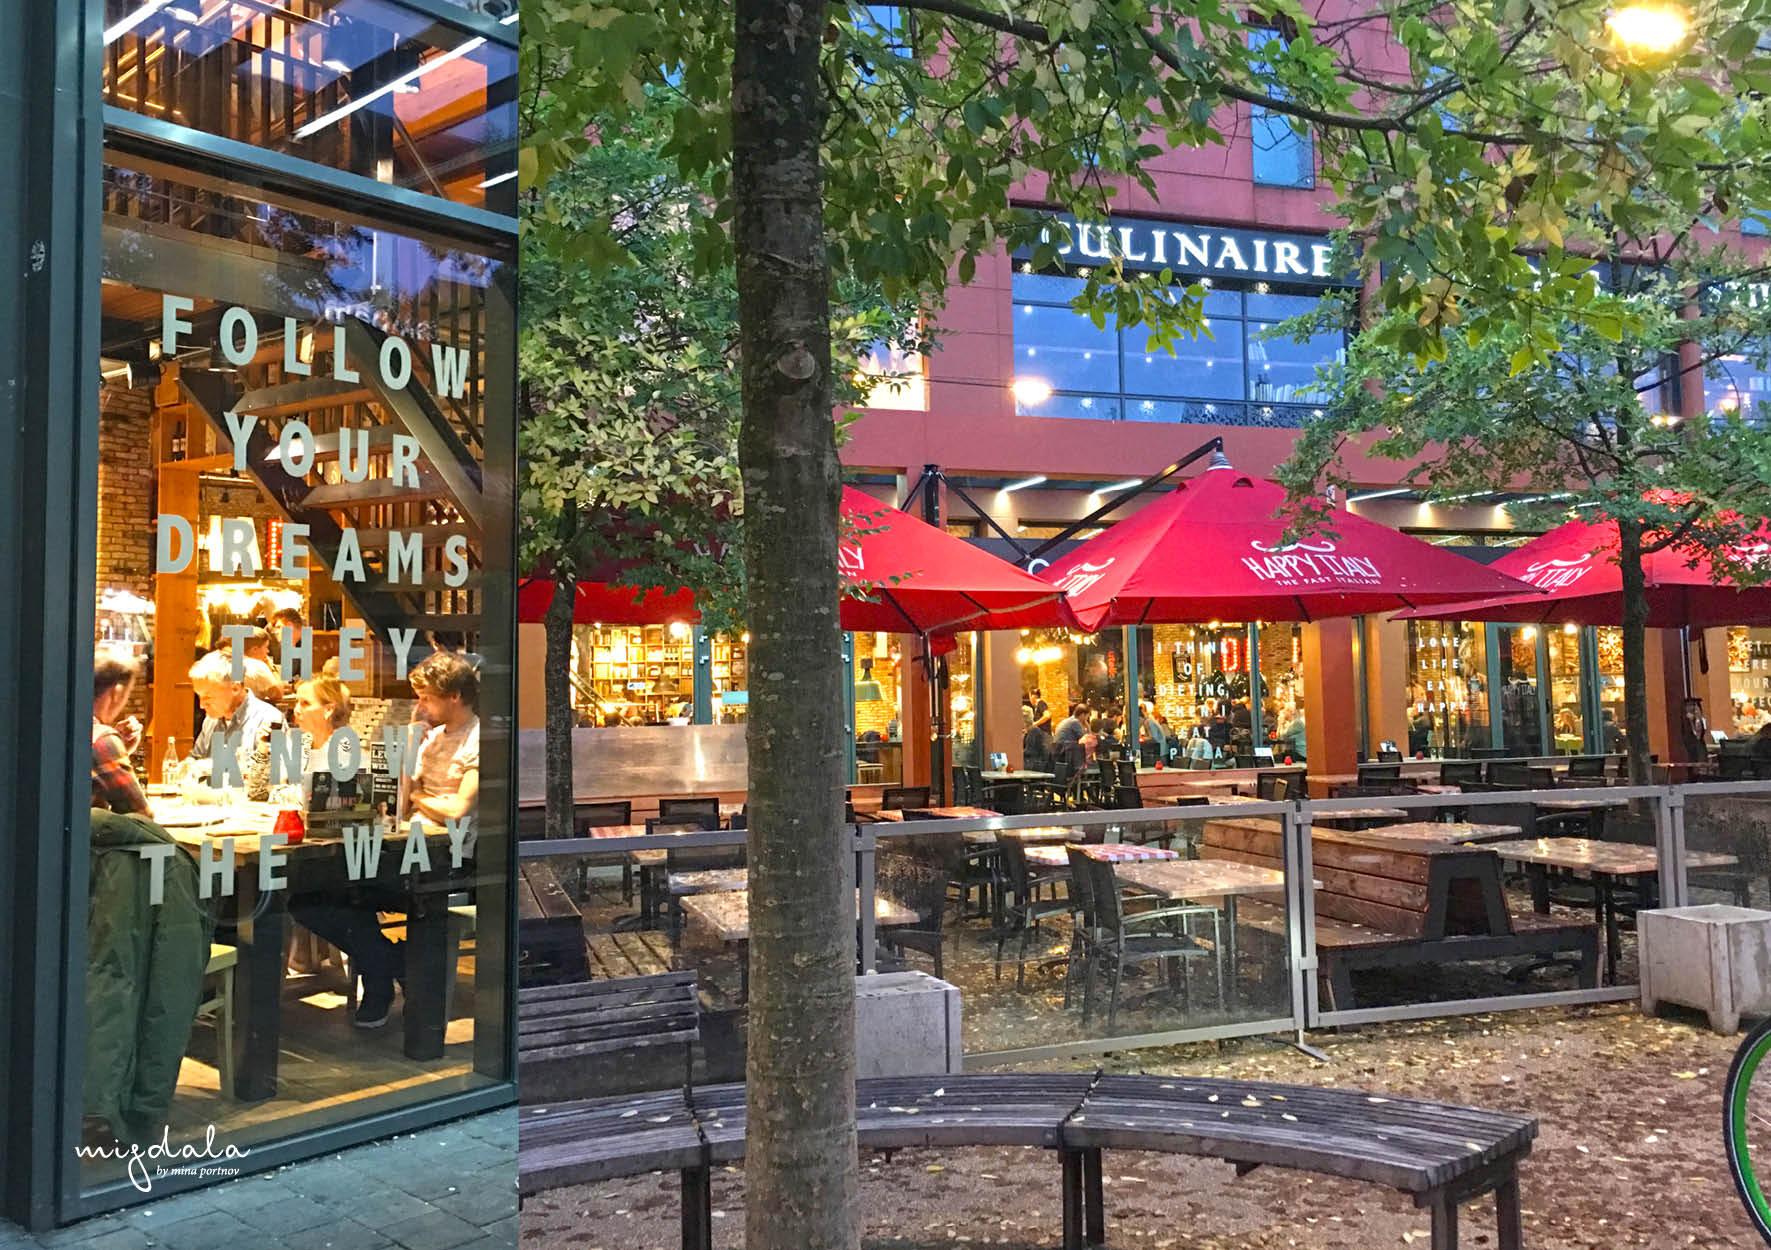 איזור אוכל, מסעדה איטלקית מעולה שבהמשכה שוק אוכל מקורה. איינדהובן 2019